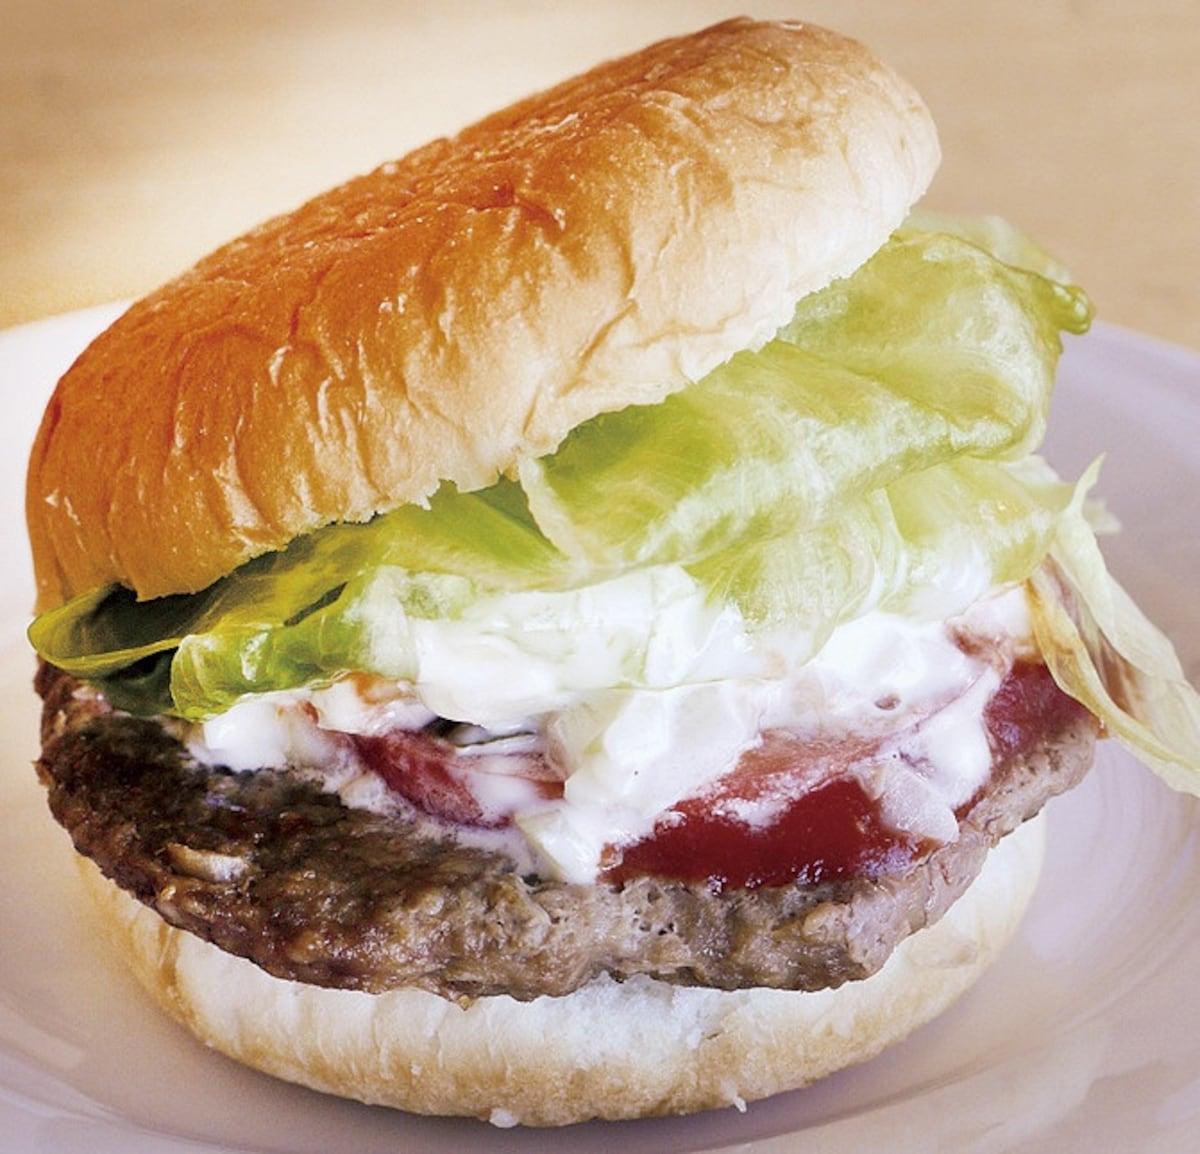 3. Hiruzen Jersey Land Burger (Maniwa City)